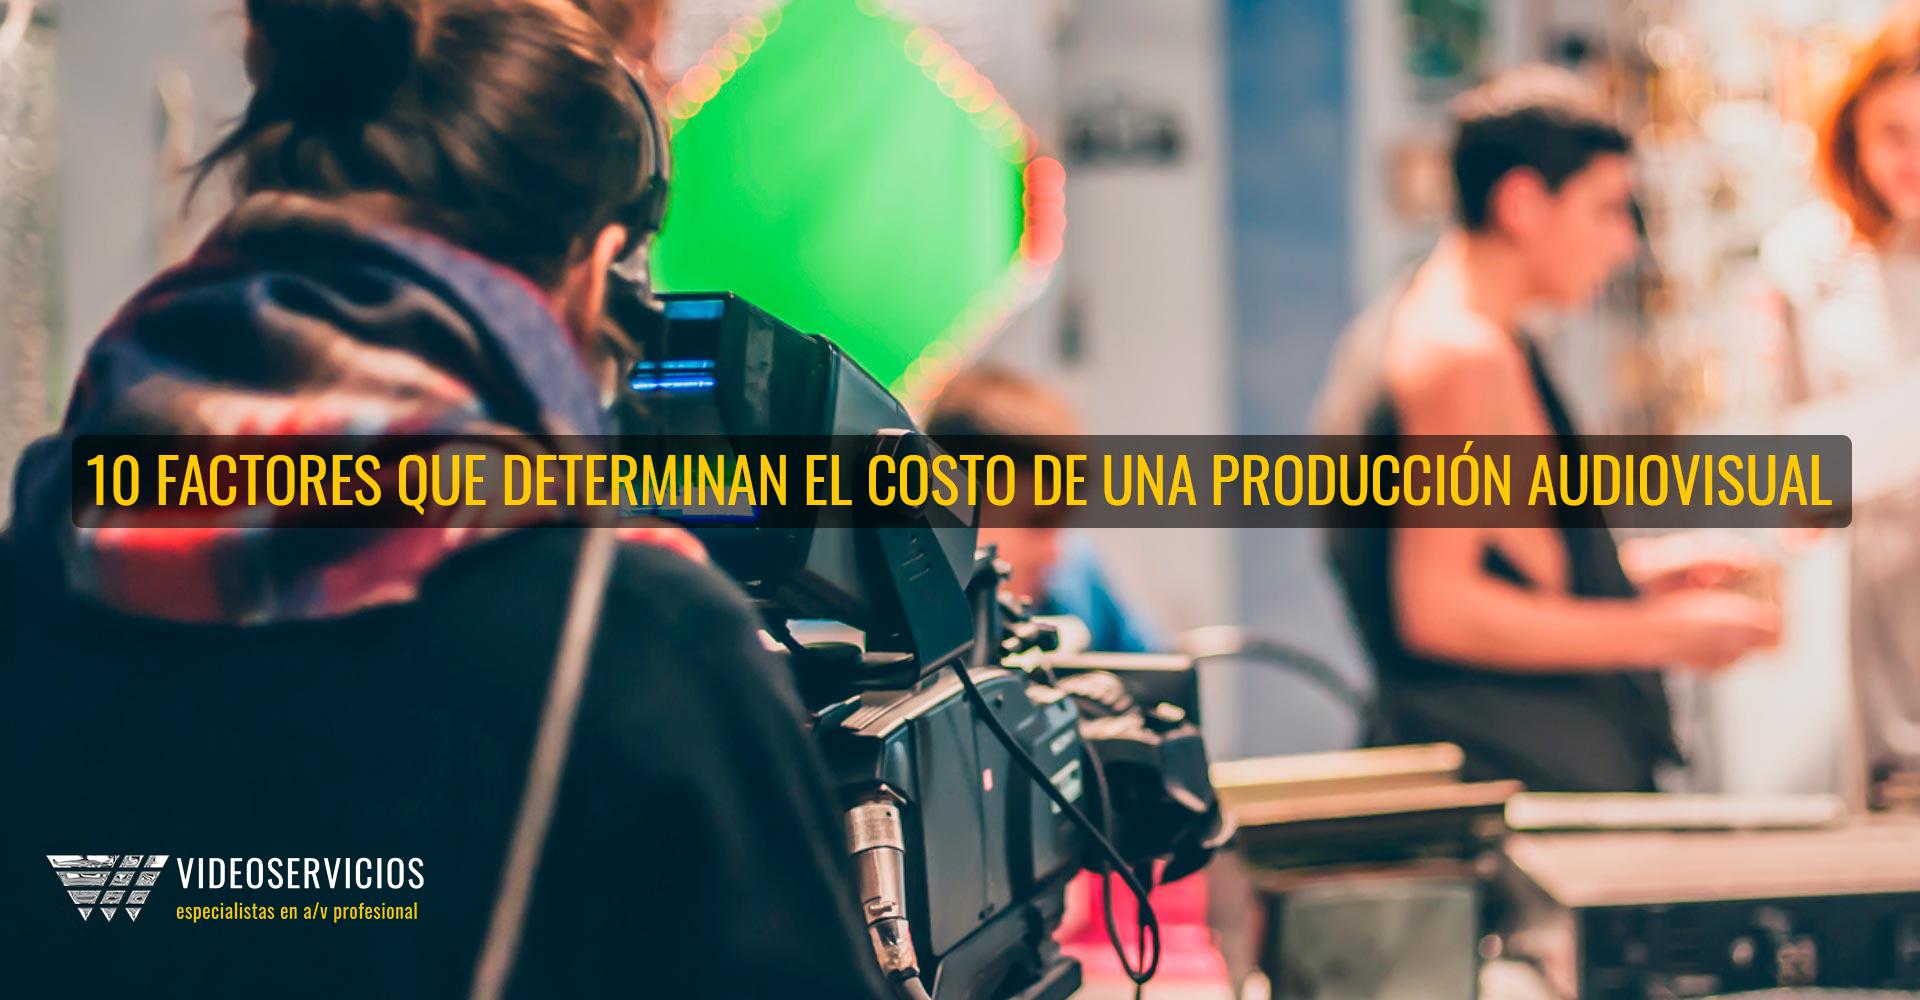 10 factores que determinan el costo de una producción audiovisual